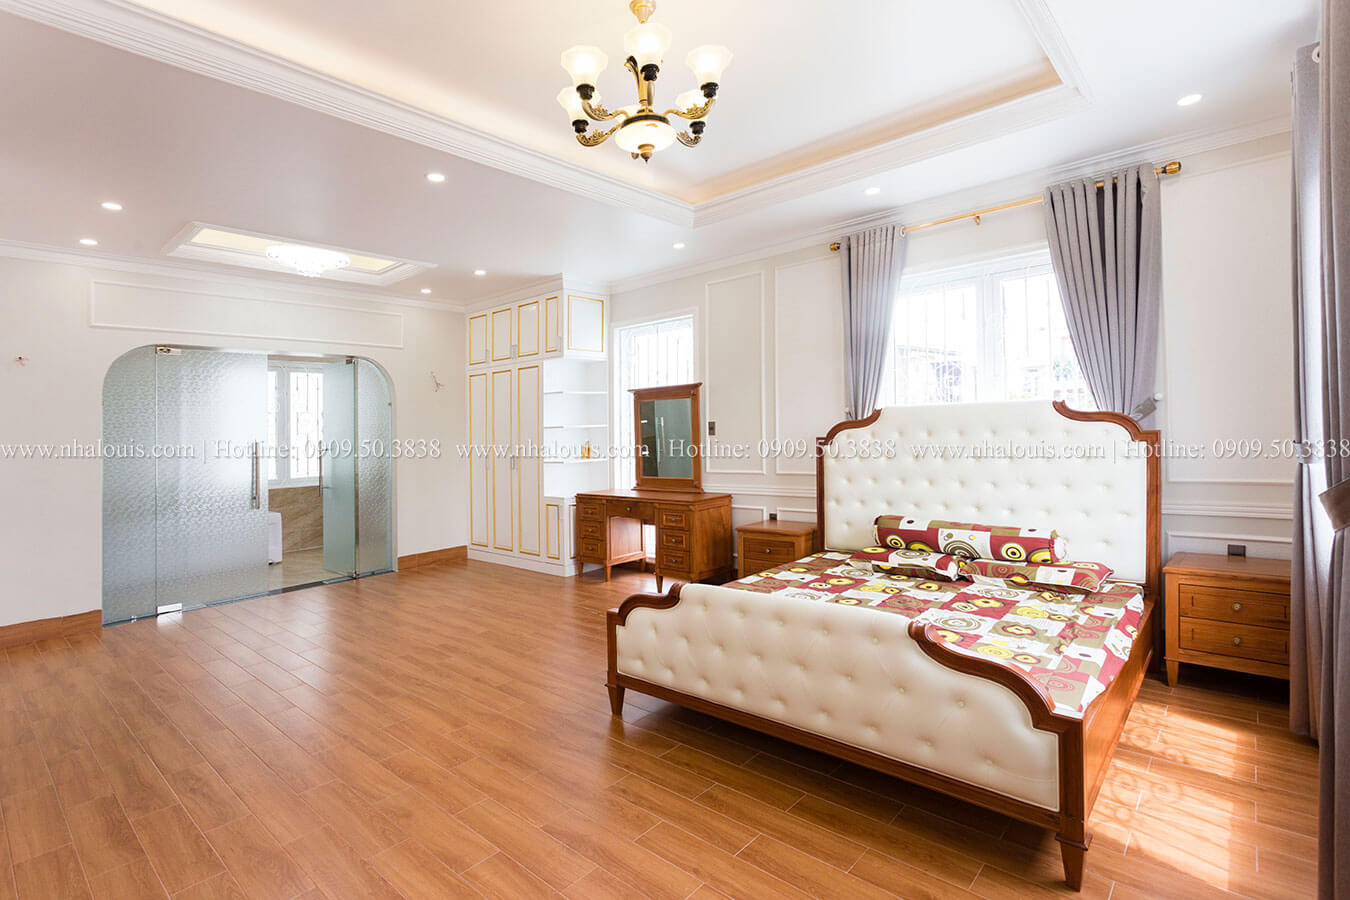 Biệt thự tân cổ điển 3 tầng tại Tân Phú và câu chuyện về người phụ nữ của gia đình